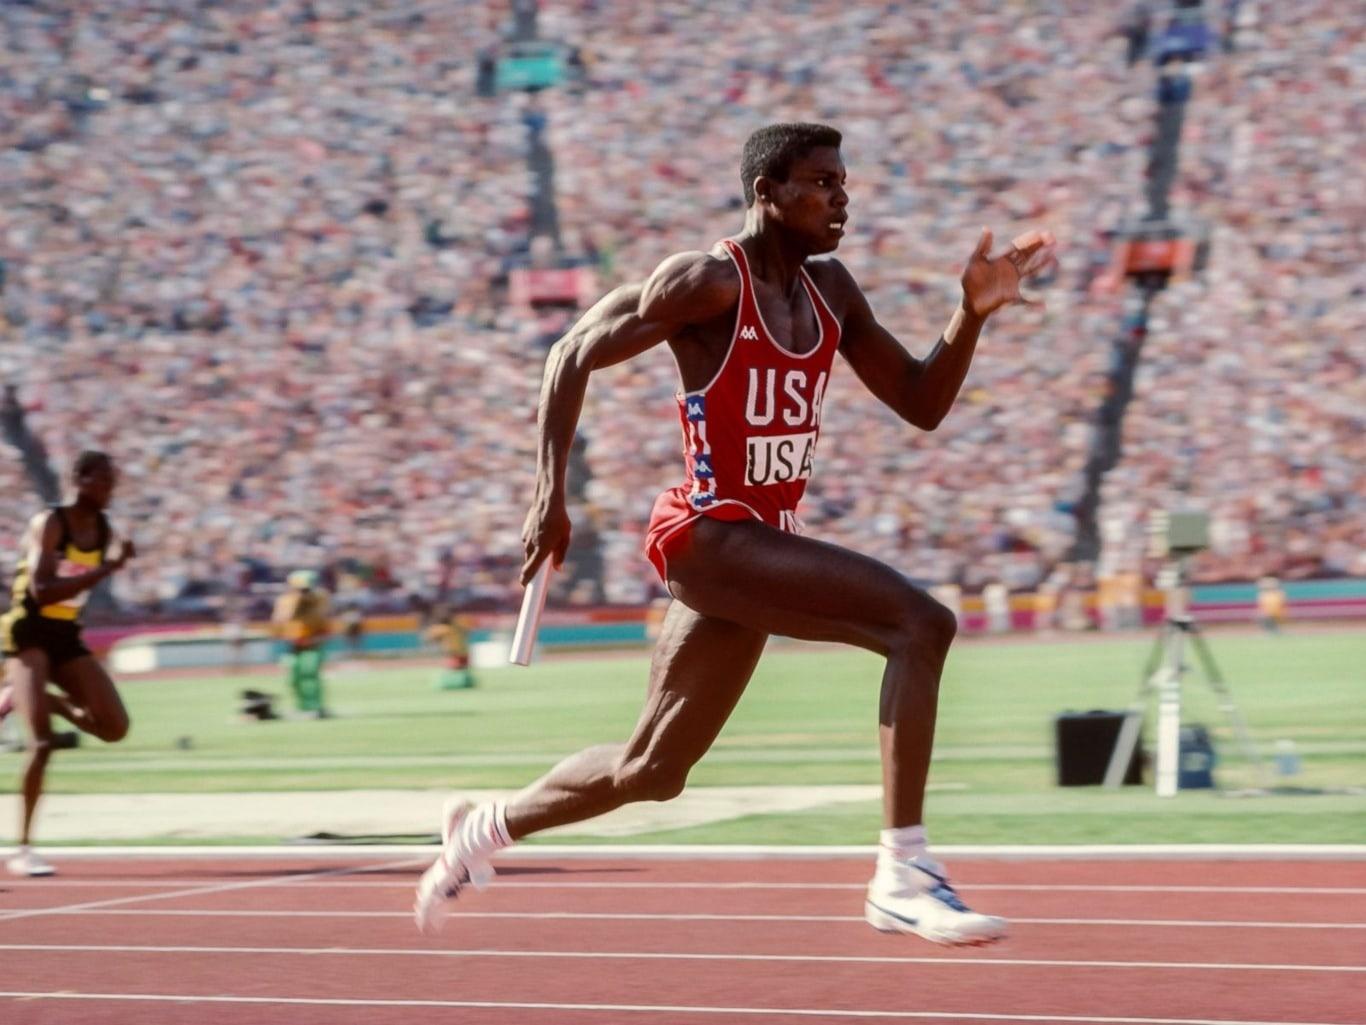 Atleta de Estados Unidos en los Juegos Olímpicos de 1984